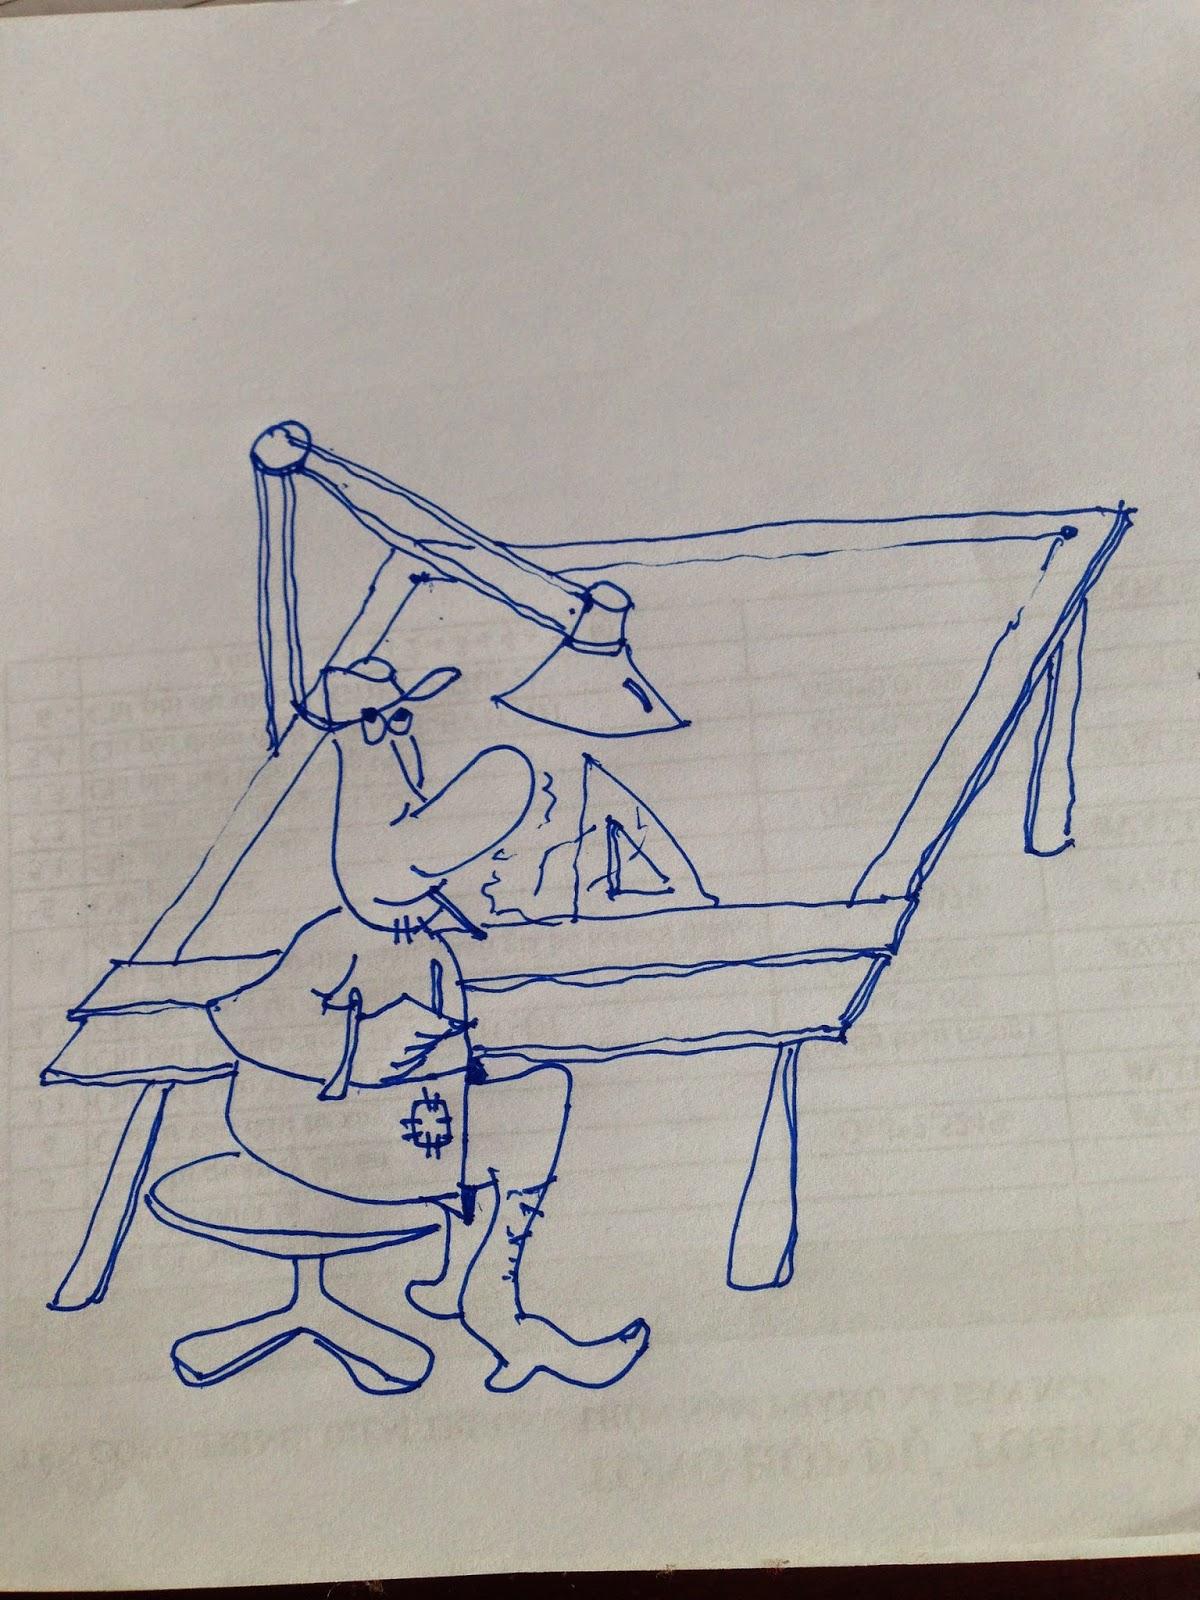 Ở Việt Nam, có một nghề mà người làm cái nghề đấy, được gọi là Kiến trúc sư. Sư cơ đấy. Sư là thày, mà gắn cả cái cụm từ đấy vào ...